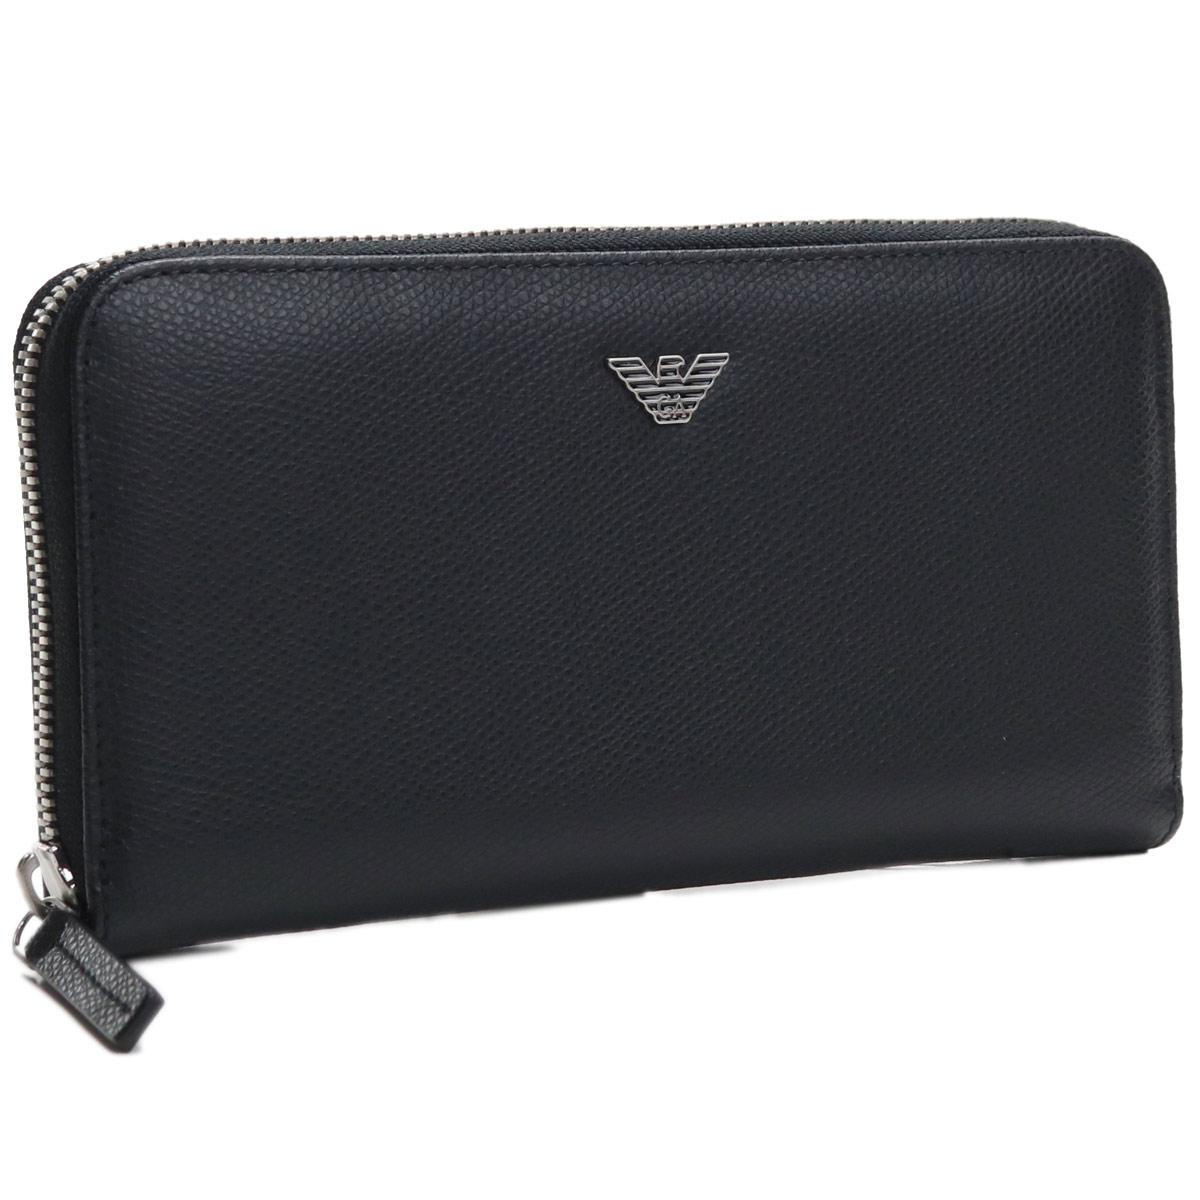 エンポリオ・アルマーニ EMPORIO ARMANI ラウンドファスナー長財布 Y4R255 YAQ2E 81072 BLACK ブラック メンズ ブランド財布